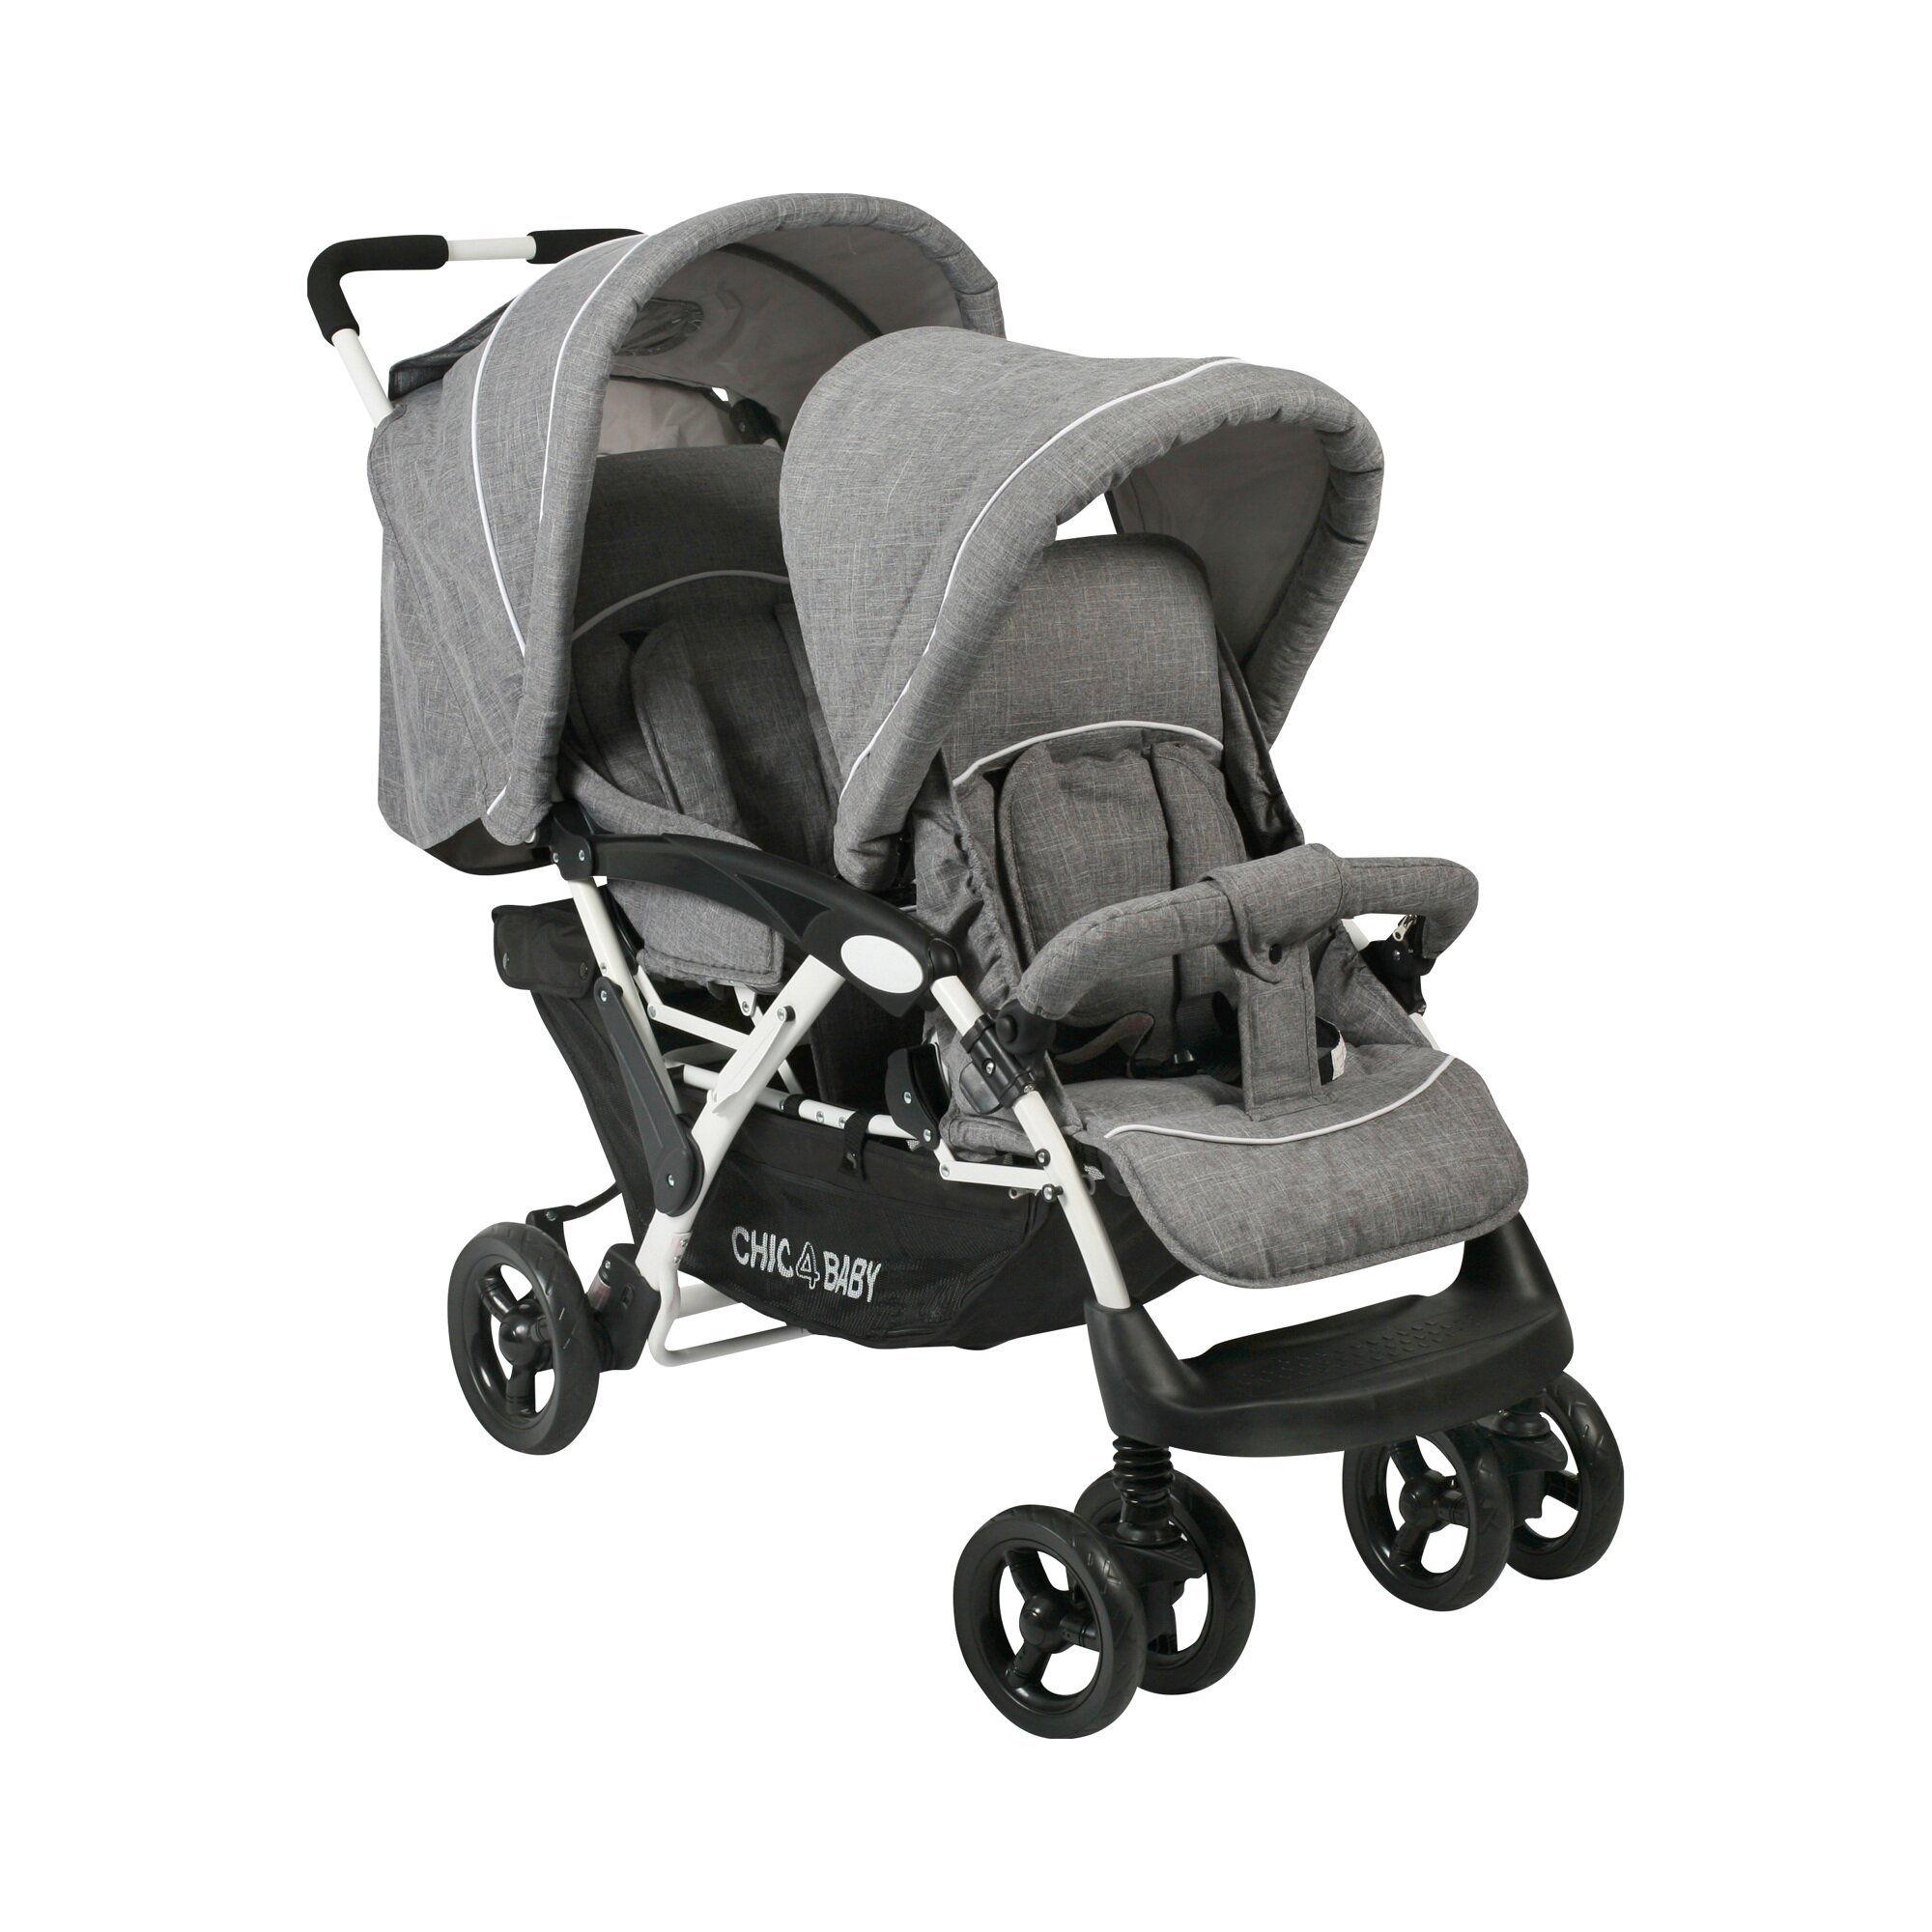 chic-4-baby-duo-zwillings-und-kinderwagen-geschwisterwagen